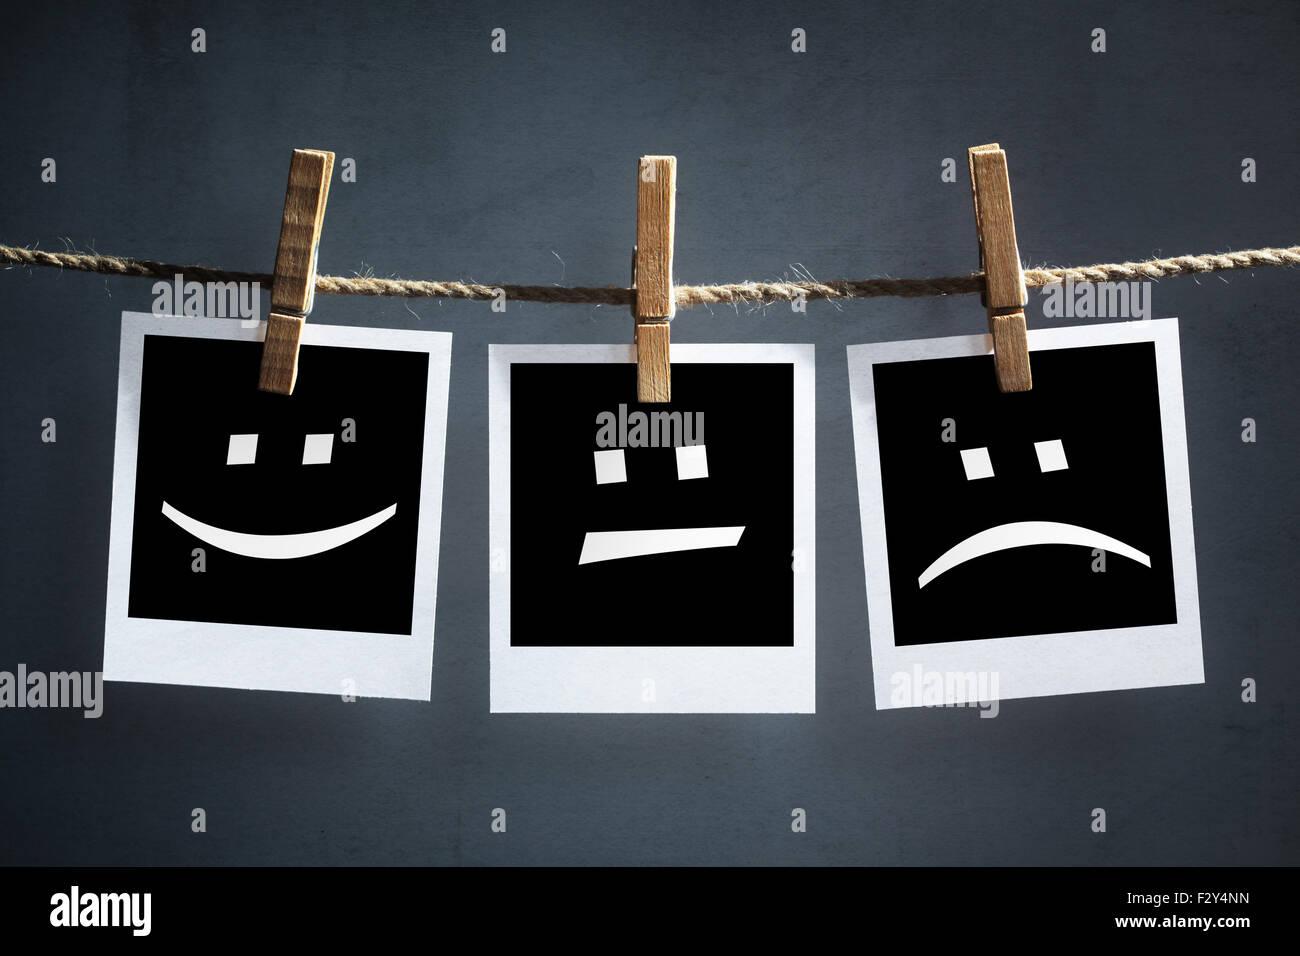 Felice, triste e folle emoticon sulla stampa istantanea di fotografie Immagini Stock